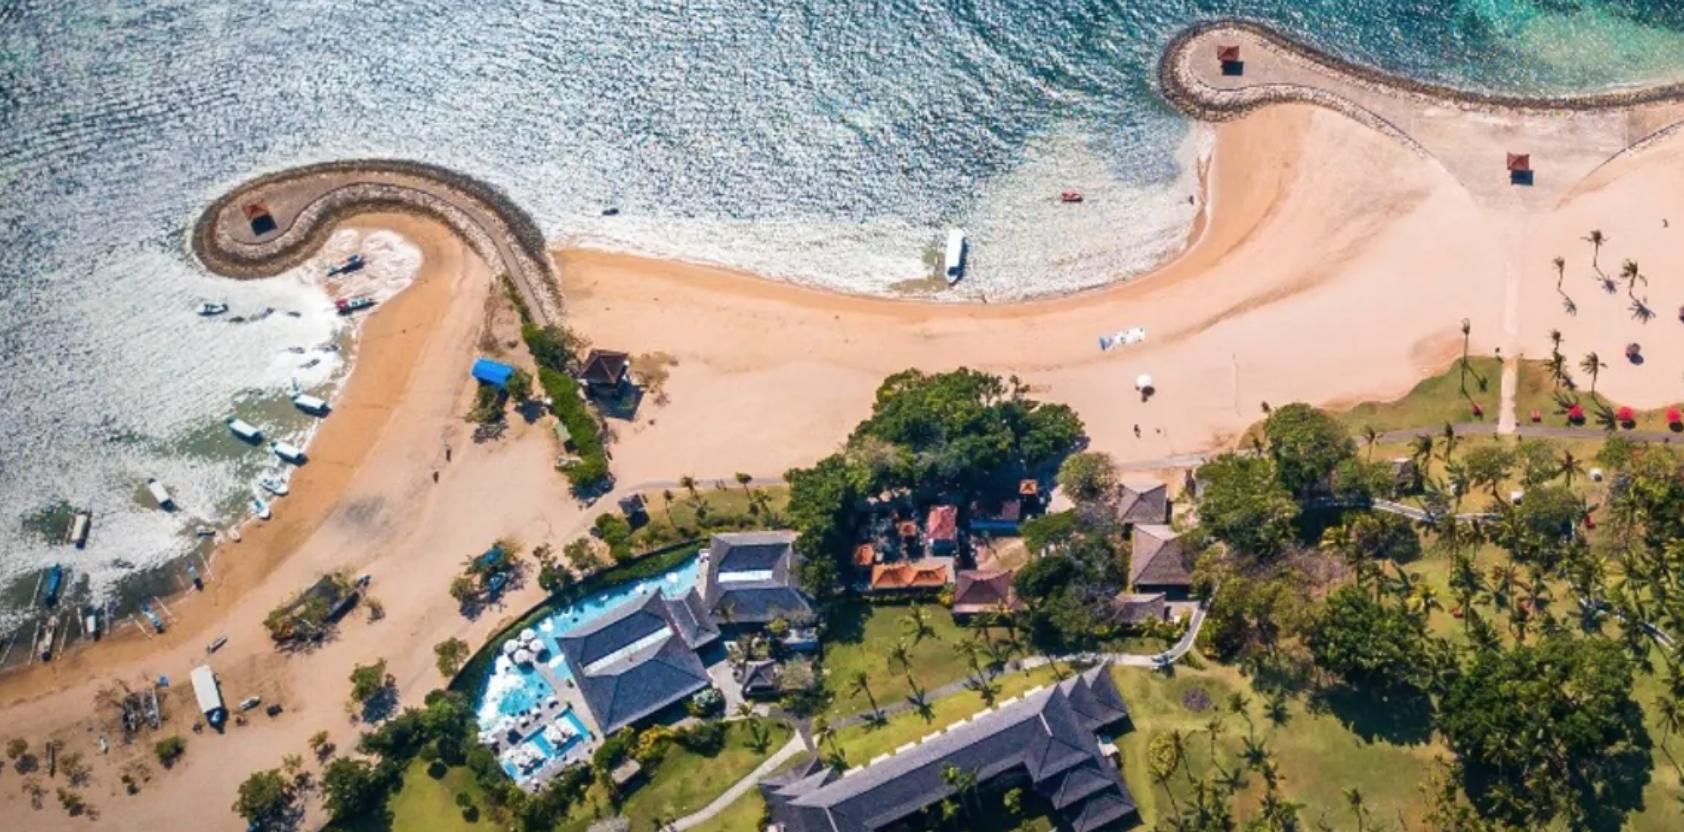 Klook ส่วนลดสำหรับบัตร Club Med Bali พร้อมเครื่องดื่มแอลกอฮอล์แบบไม่จำกัด เหลือราคา 2,123 บาท